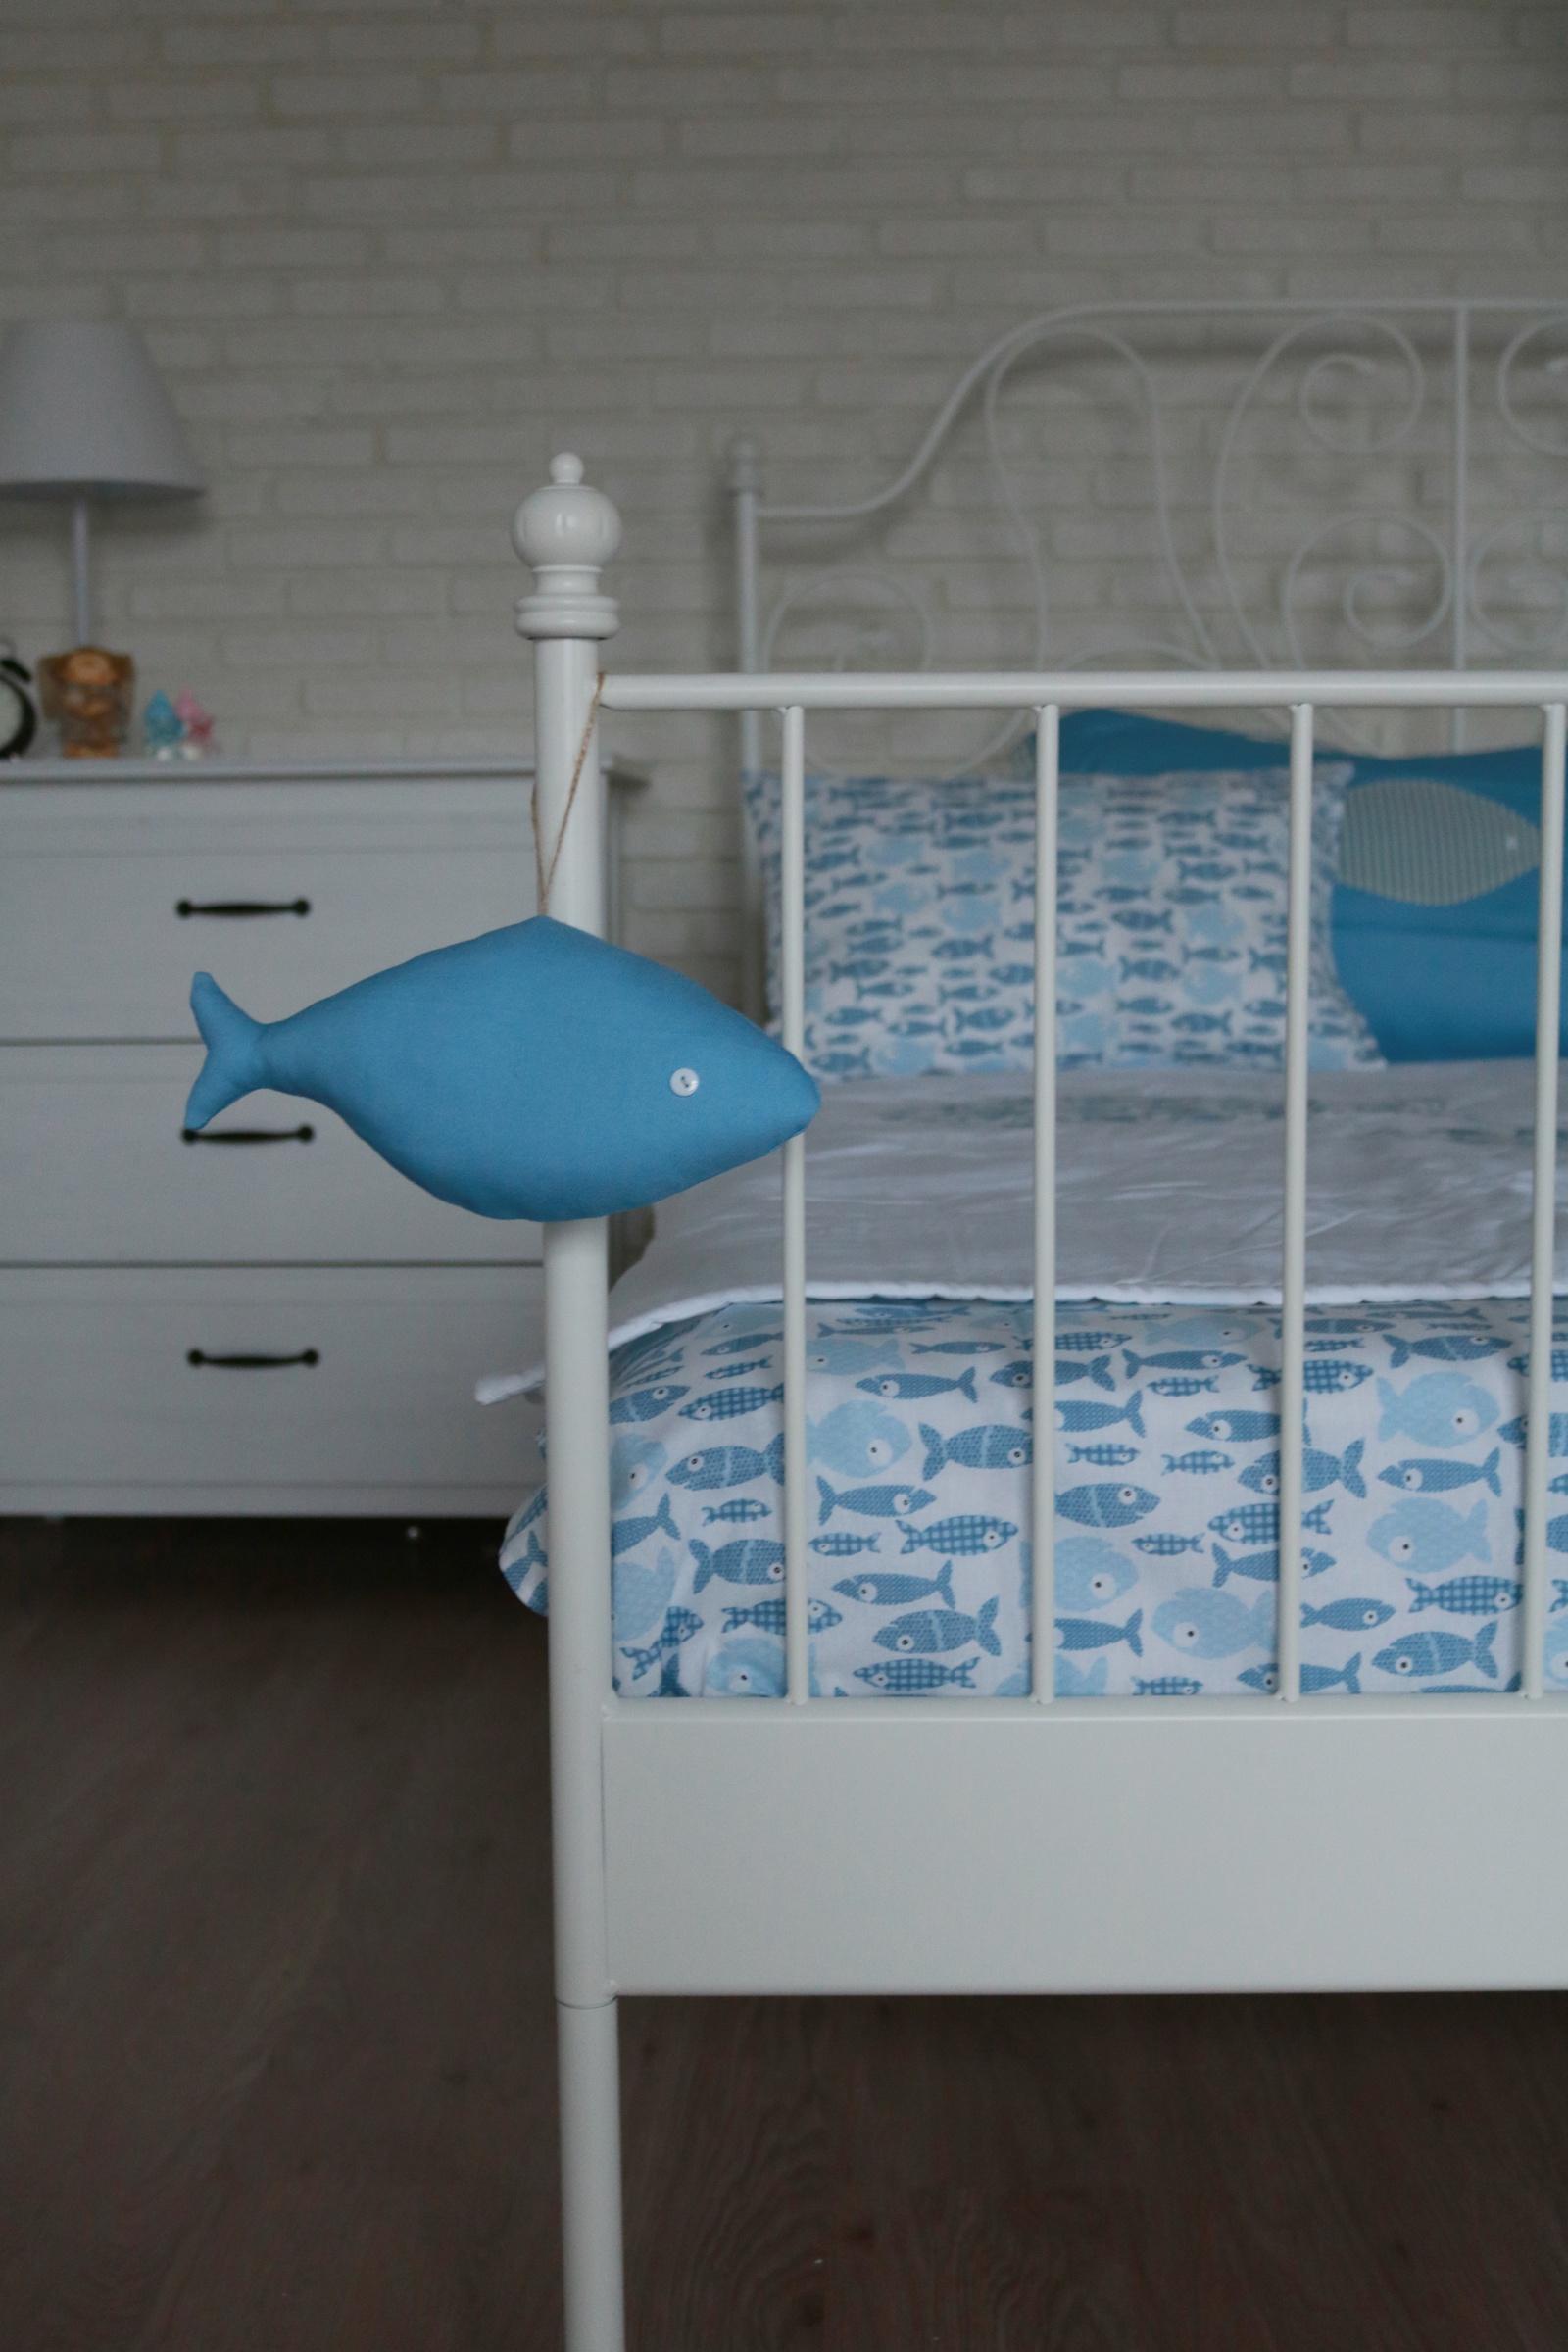 Детский комплект постельного белья Семейные ценности Комплект детского постельного белья Рыбки 0 плюс одеяло стеганое простынь наволочка КБД2017111 голубой Семейные ценности